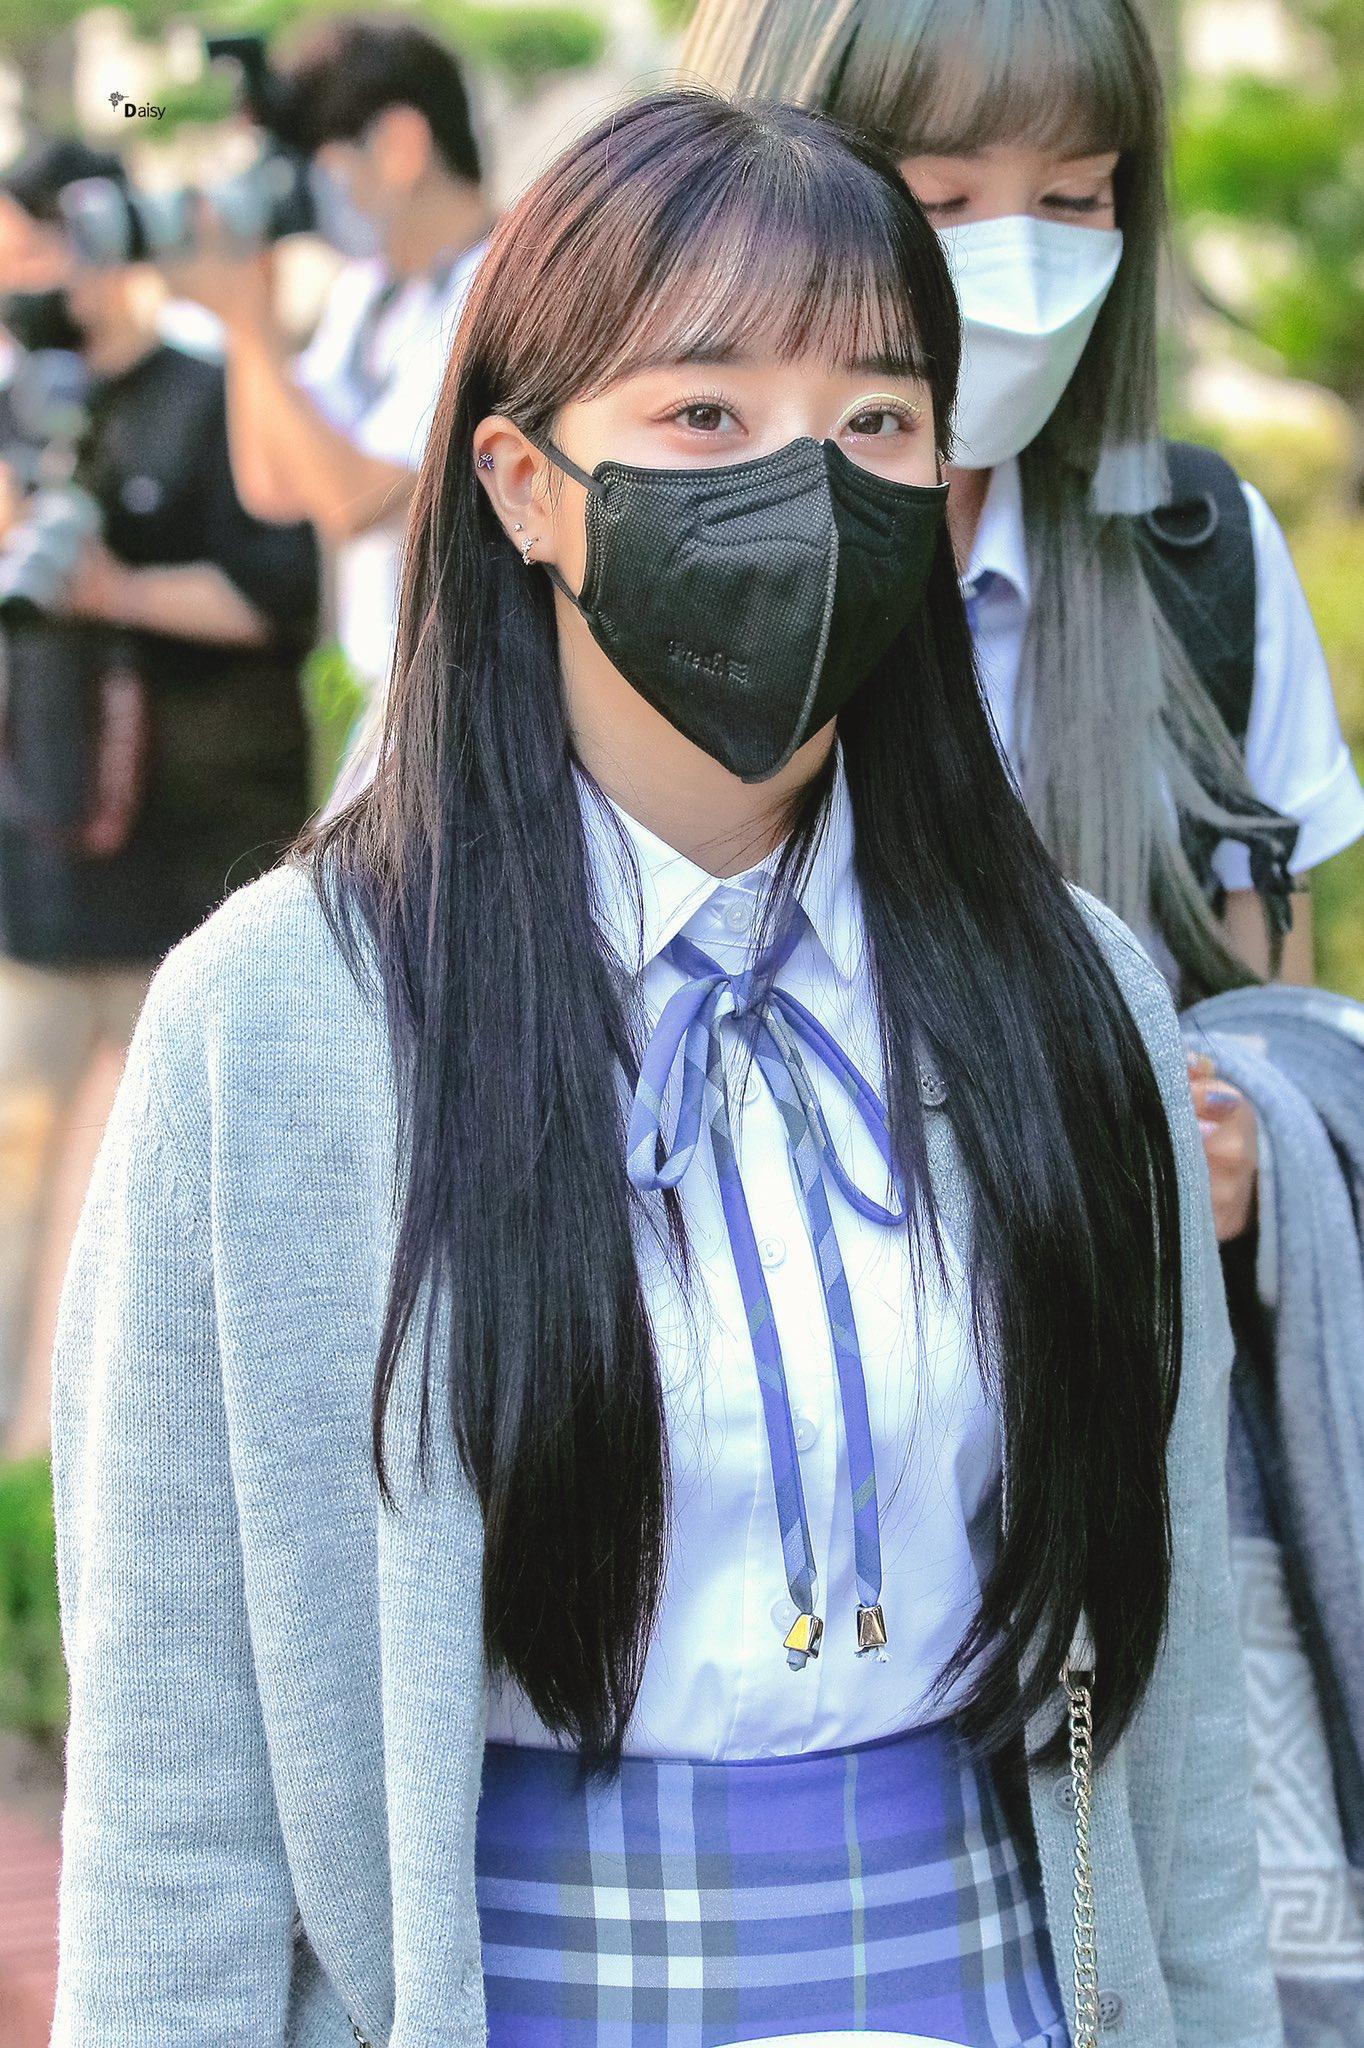 Các cô gái StayC cũng có lịch trình quảng bá vào 14/9. Tân binh nhà High Up nhận nhiều lời khen nhờ ngoại hình xinh xắn, outfit trẻ trung đậm chất nữ sinh.